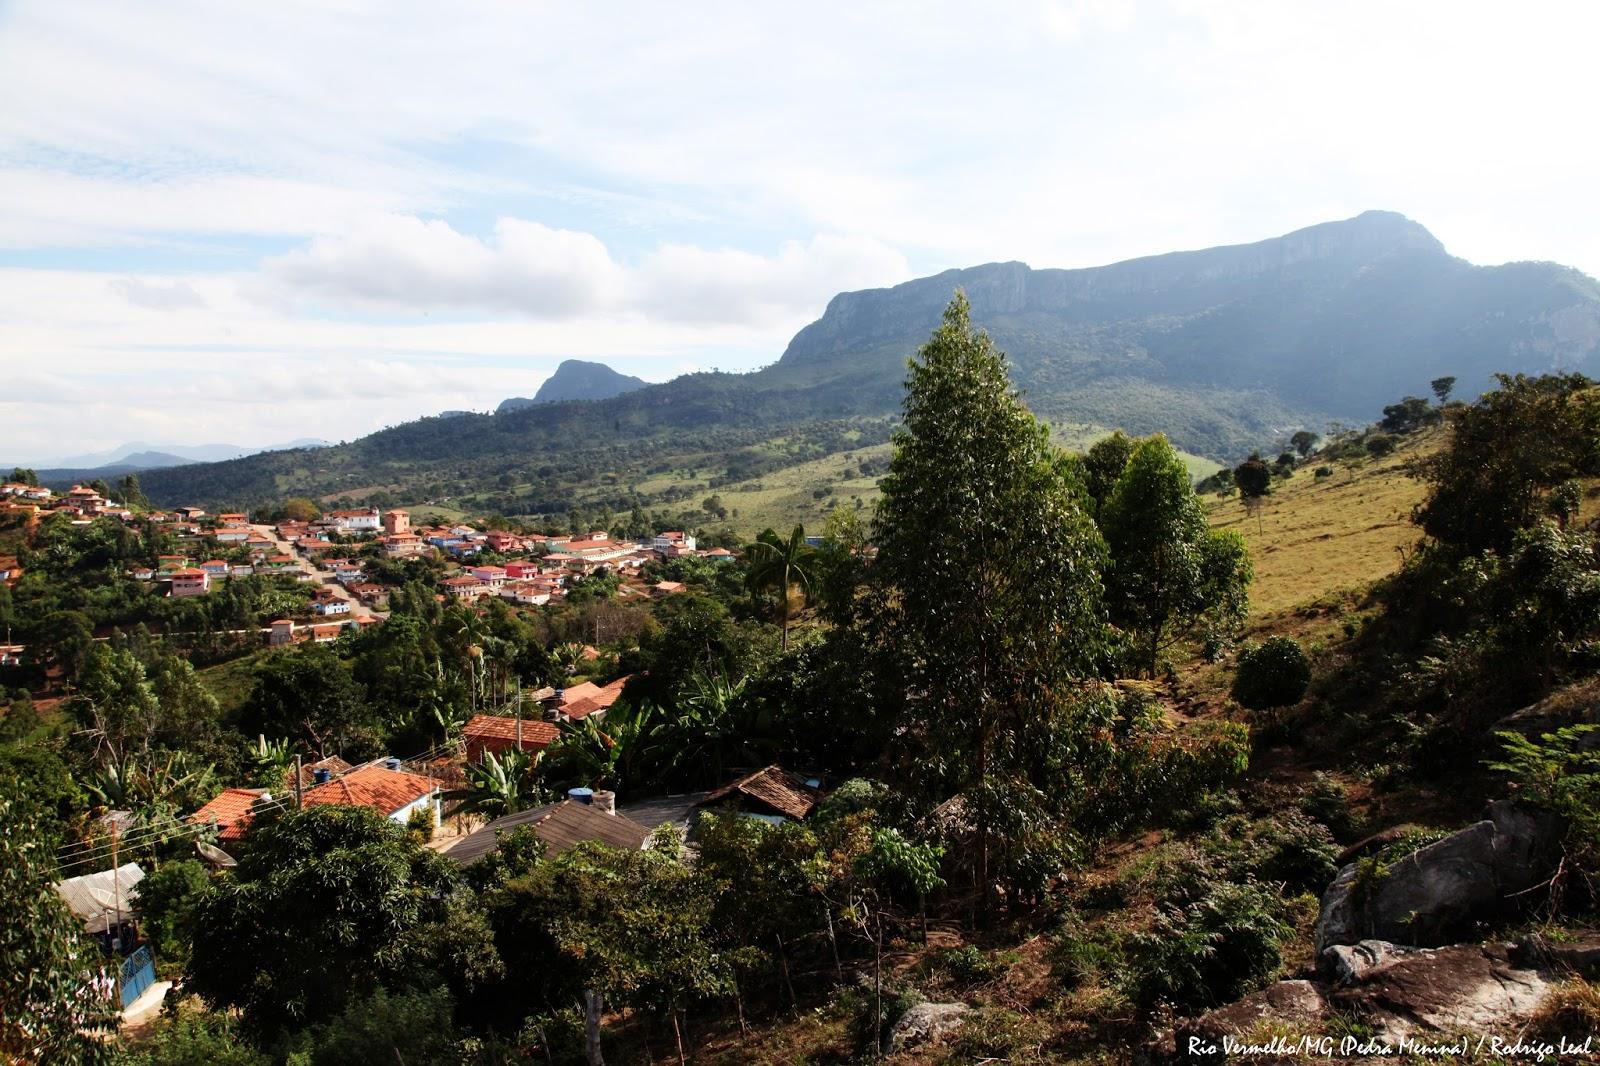 15 Distritos Mineiros Que Vao Fazer Voce Se Apaixonar Iii Conheca Minas